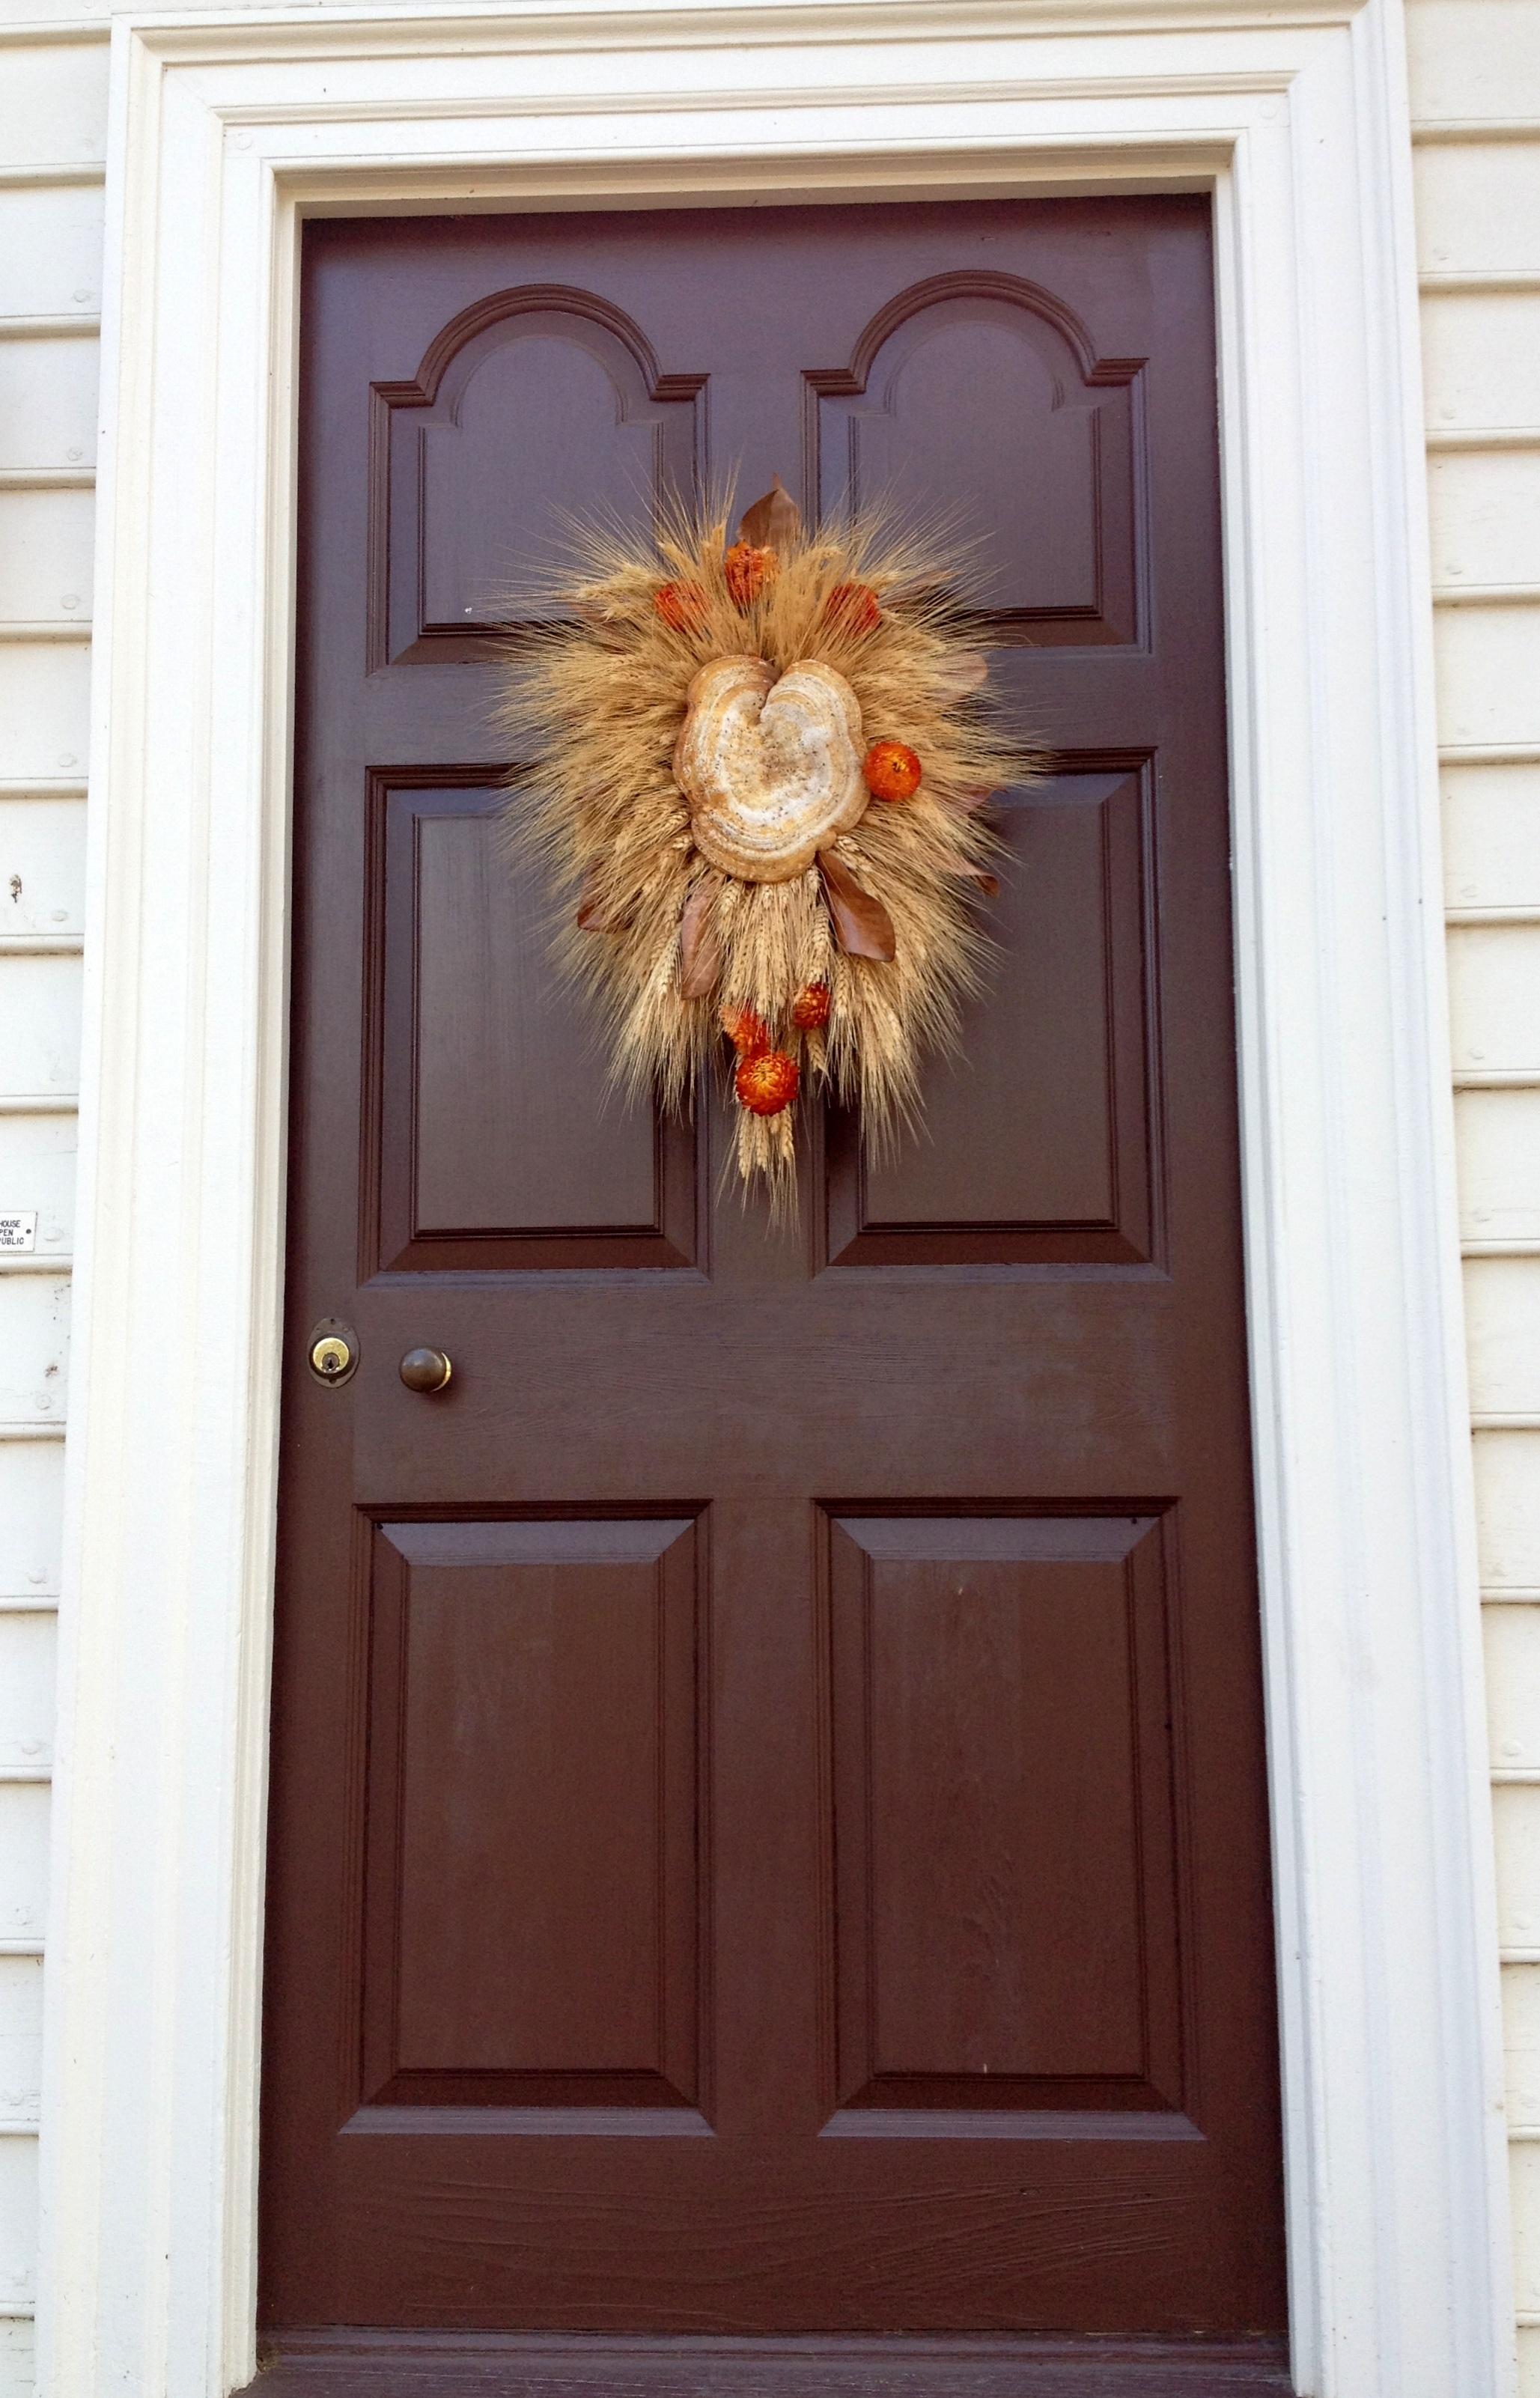 Fotos gratis : invierno, madera, blanco, casa, arco, decoración ...